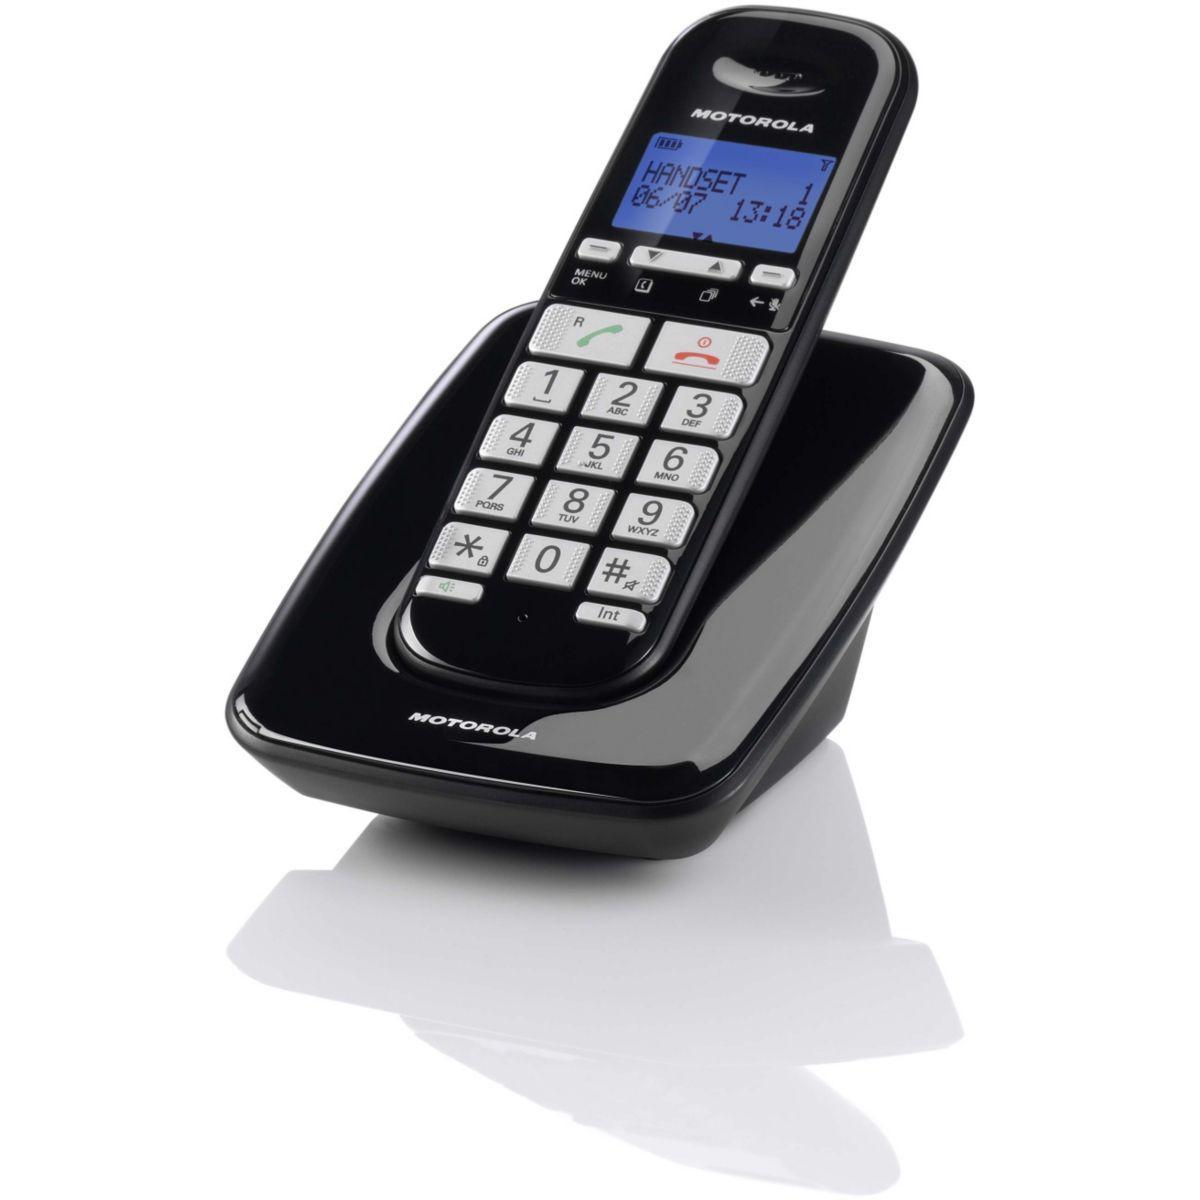 Téléphone motorola motorola s3001 noir - 15% de remise immédiate avec le code : multi15 (photo)